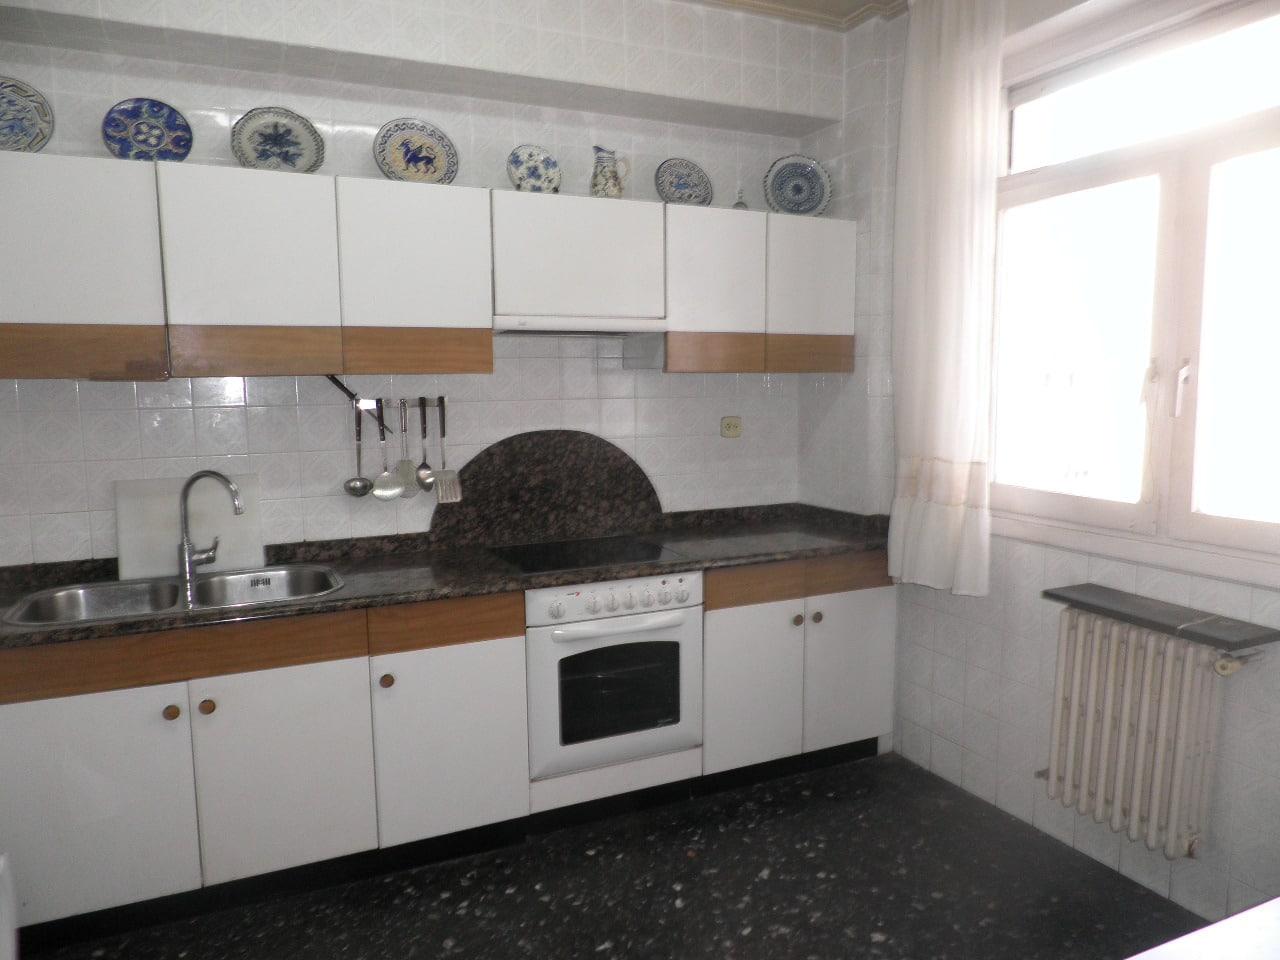 V04920-02-COCINA-PISO-OLAGUIBEL-VITORIA-TRIVINSA-INMOBILIARIA